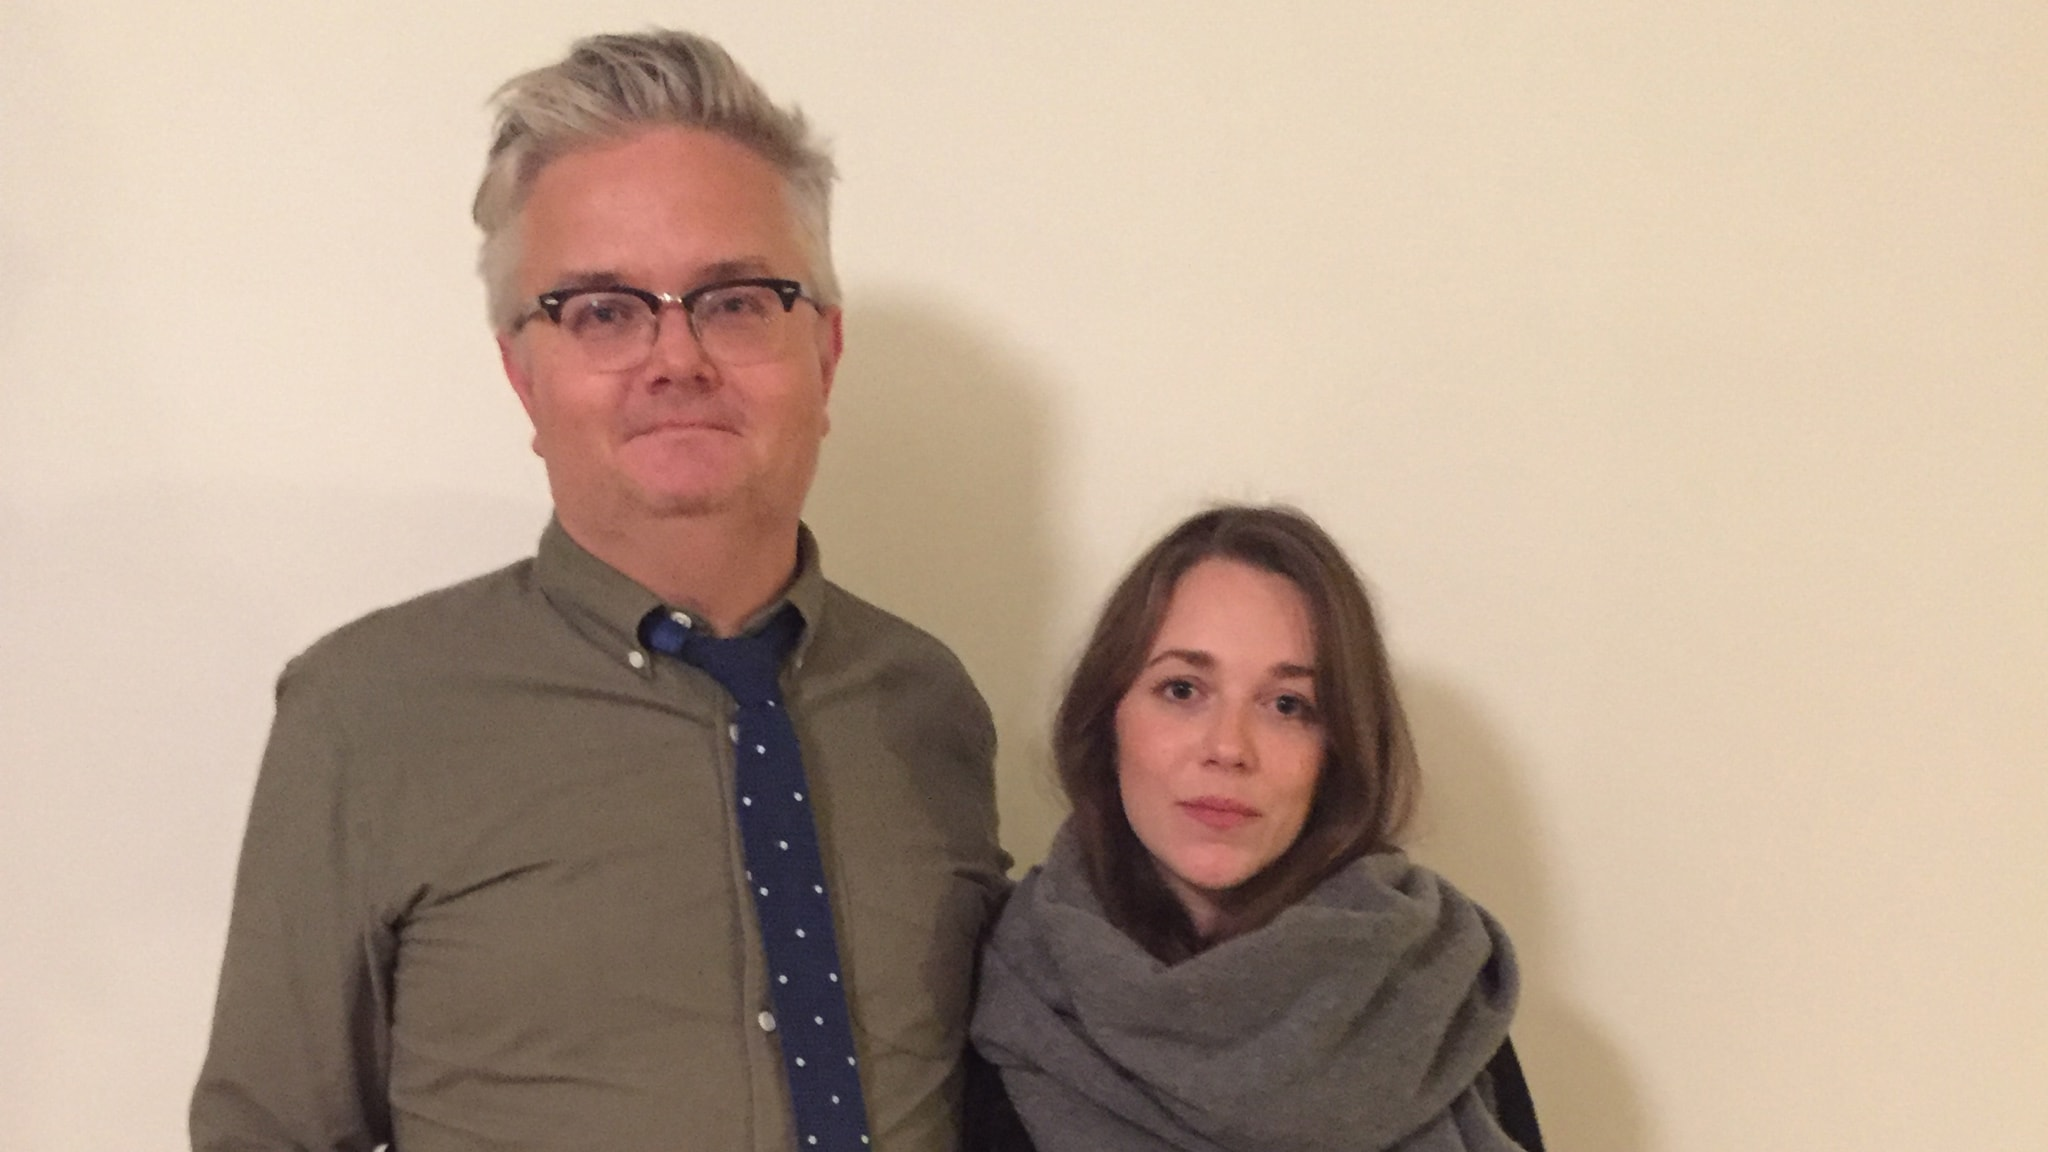 Jan Gradvall och Melissa Horn. Foto: Lovisa Ohlson/SR.